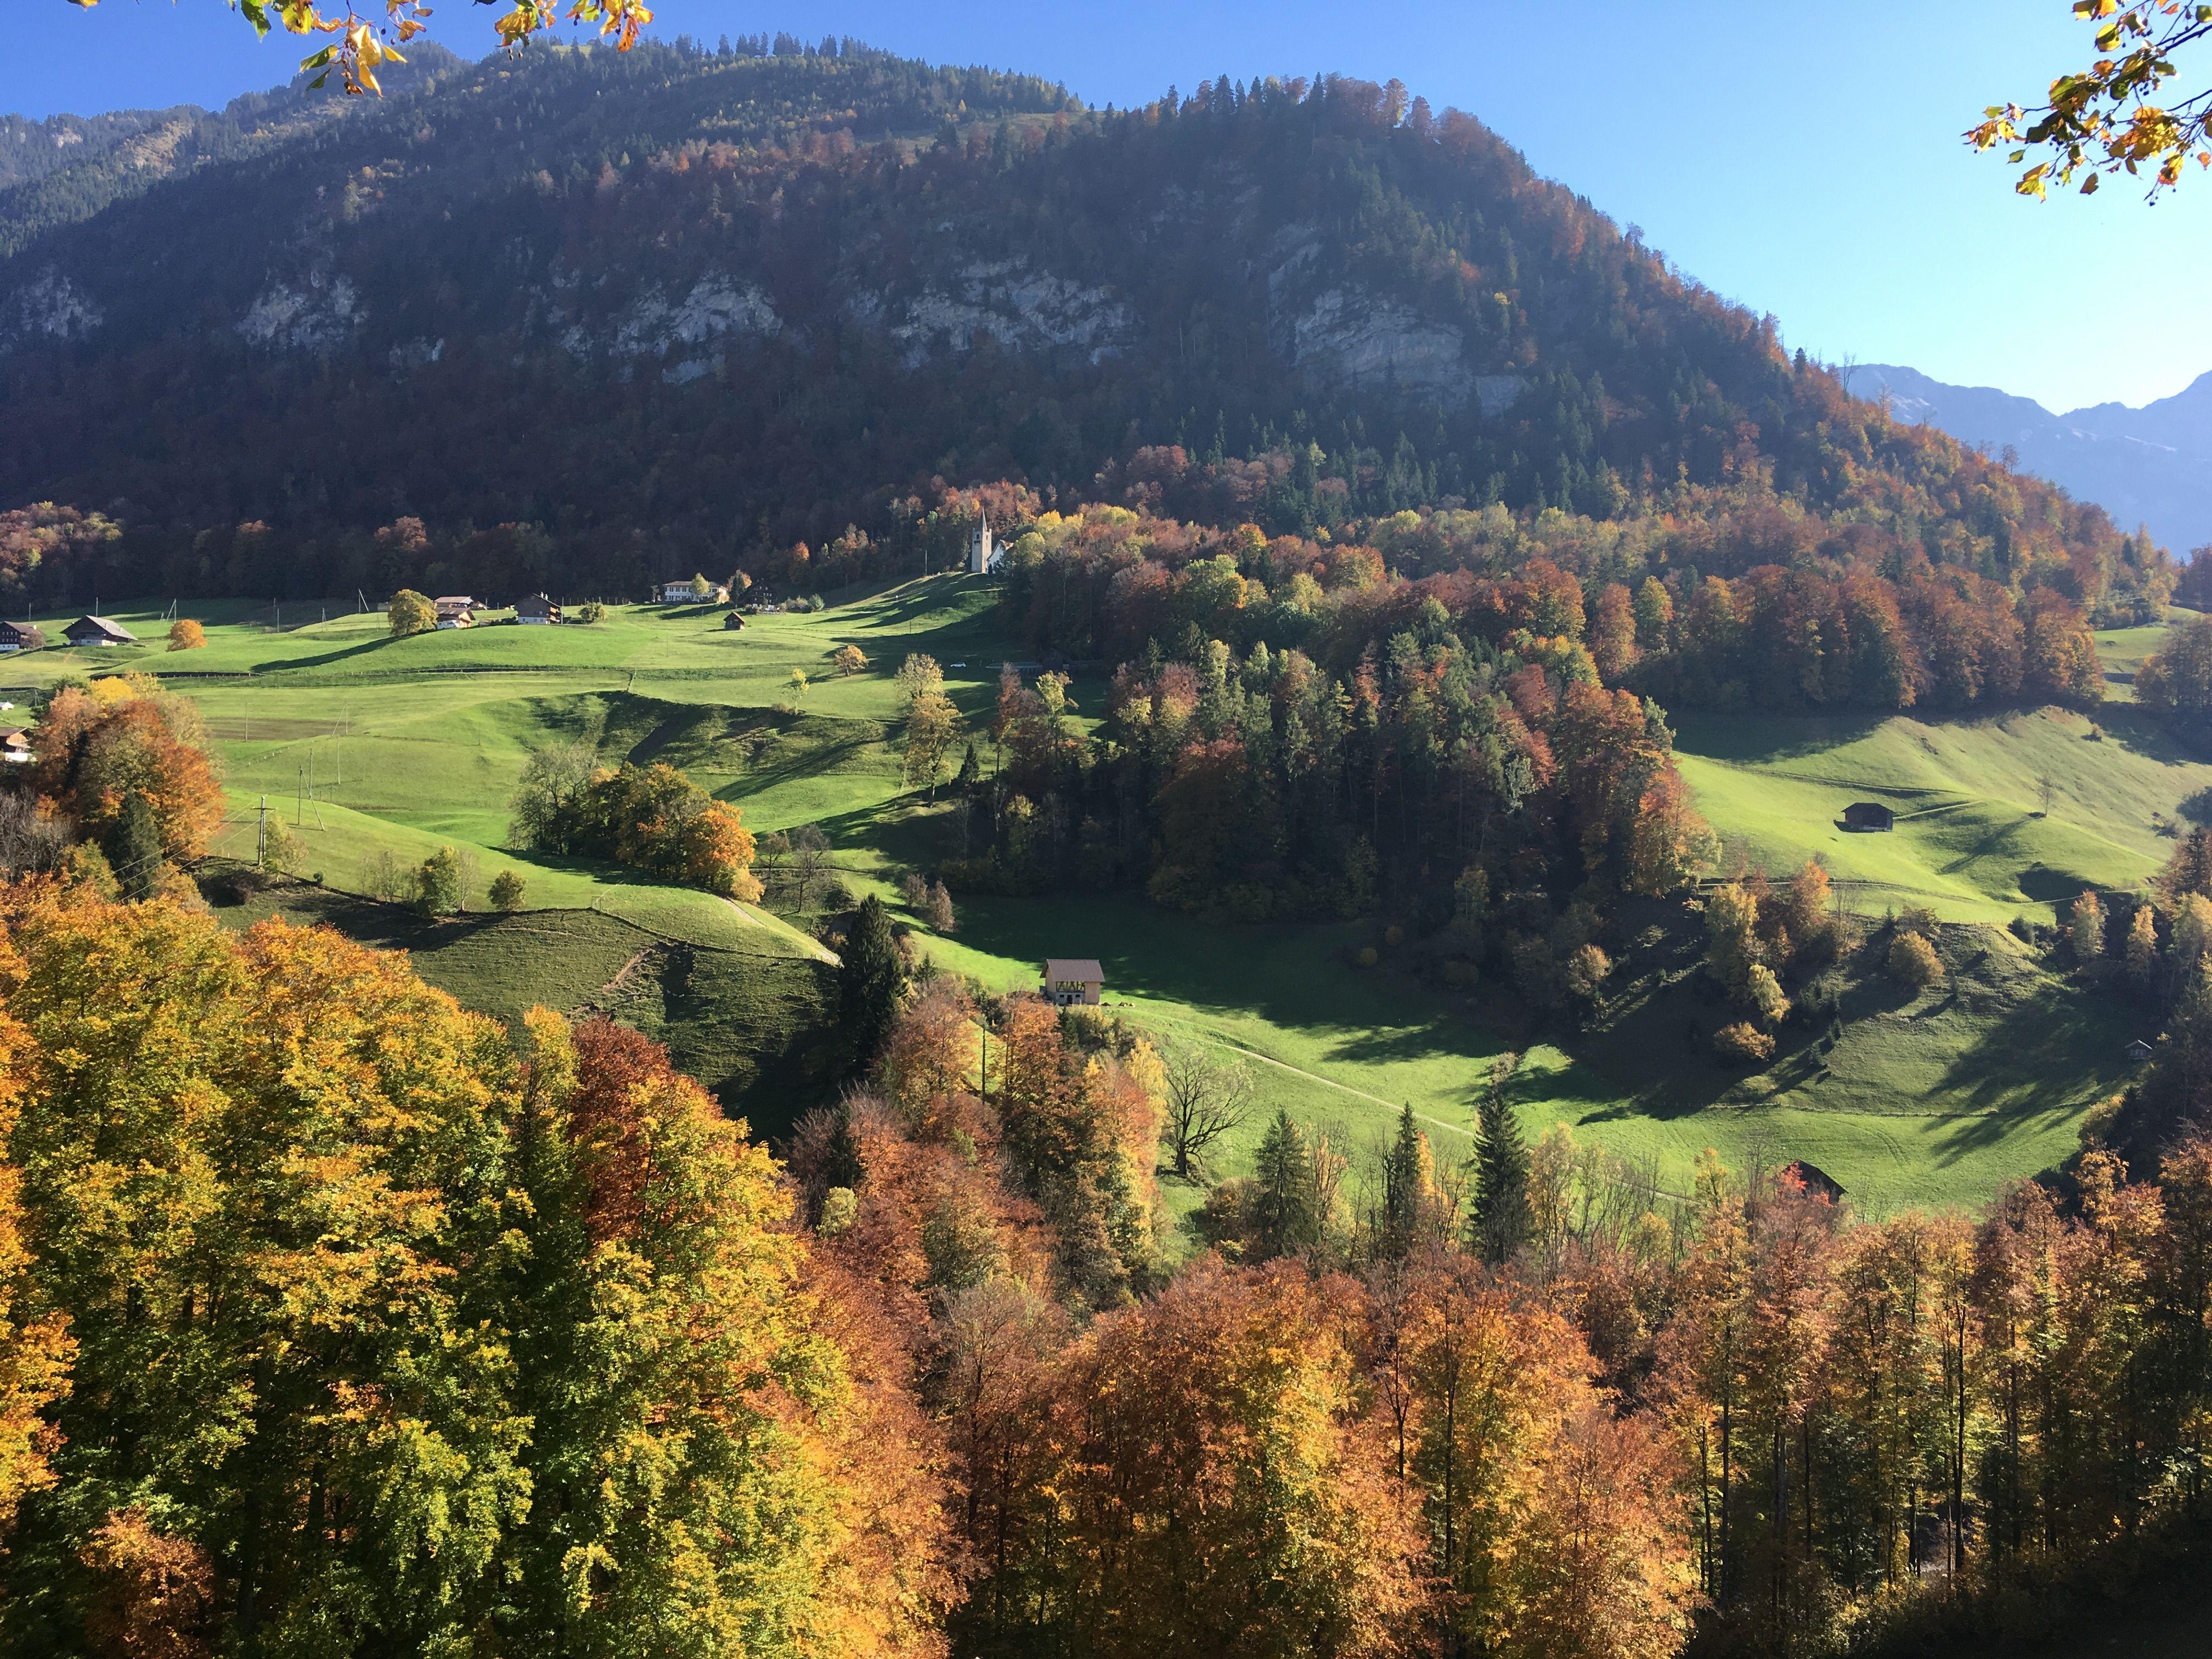 Herbstkarte 2020 Seehotel Wilerbad Seminar & Spa